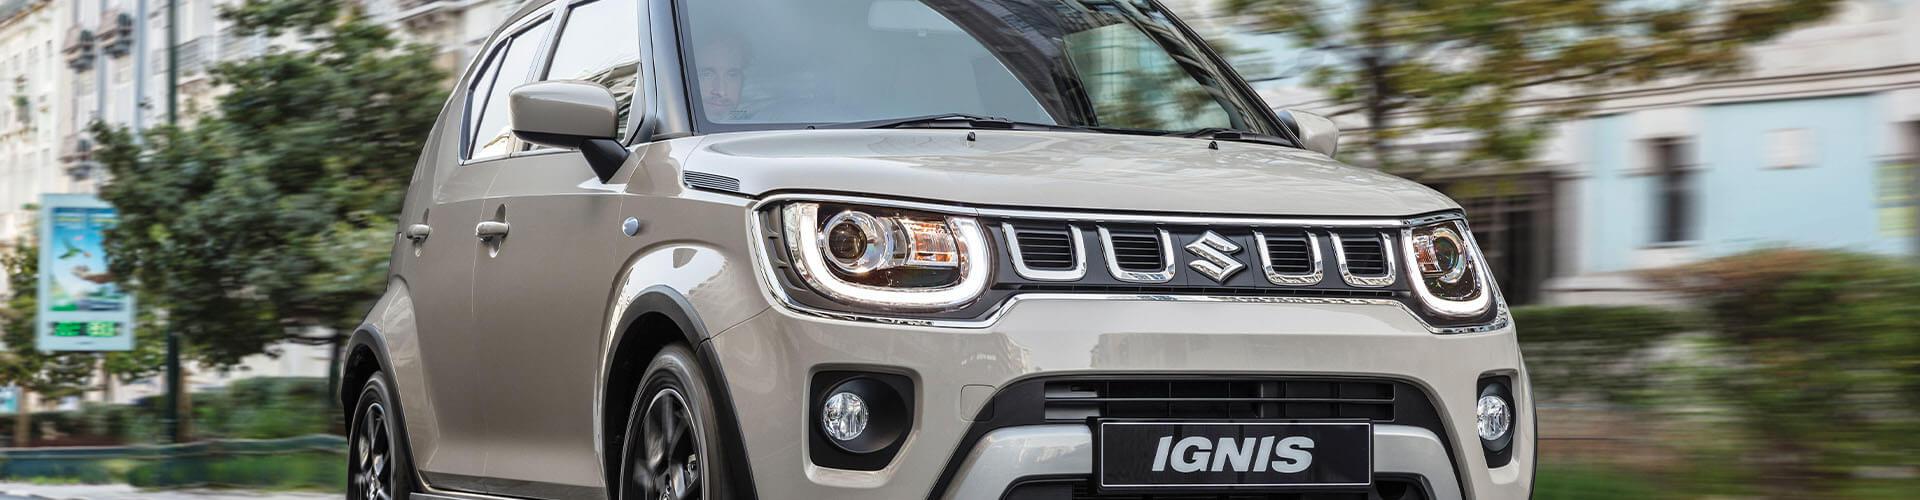 Suzuki QLD Ignis